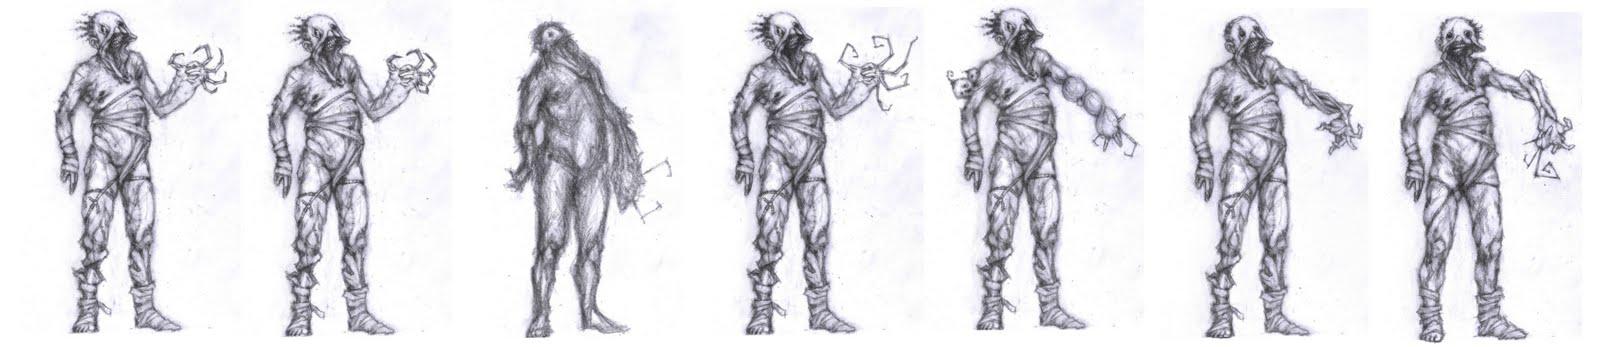 Archivo:Grunt arm concept stages.jpg